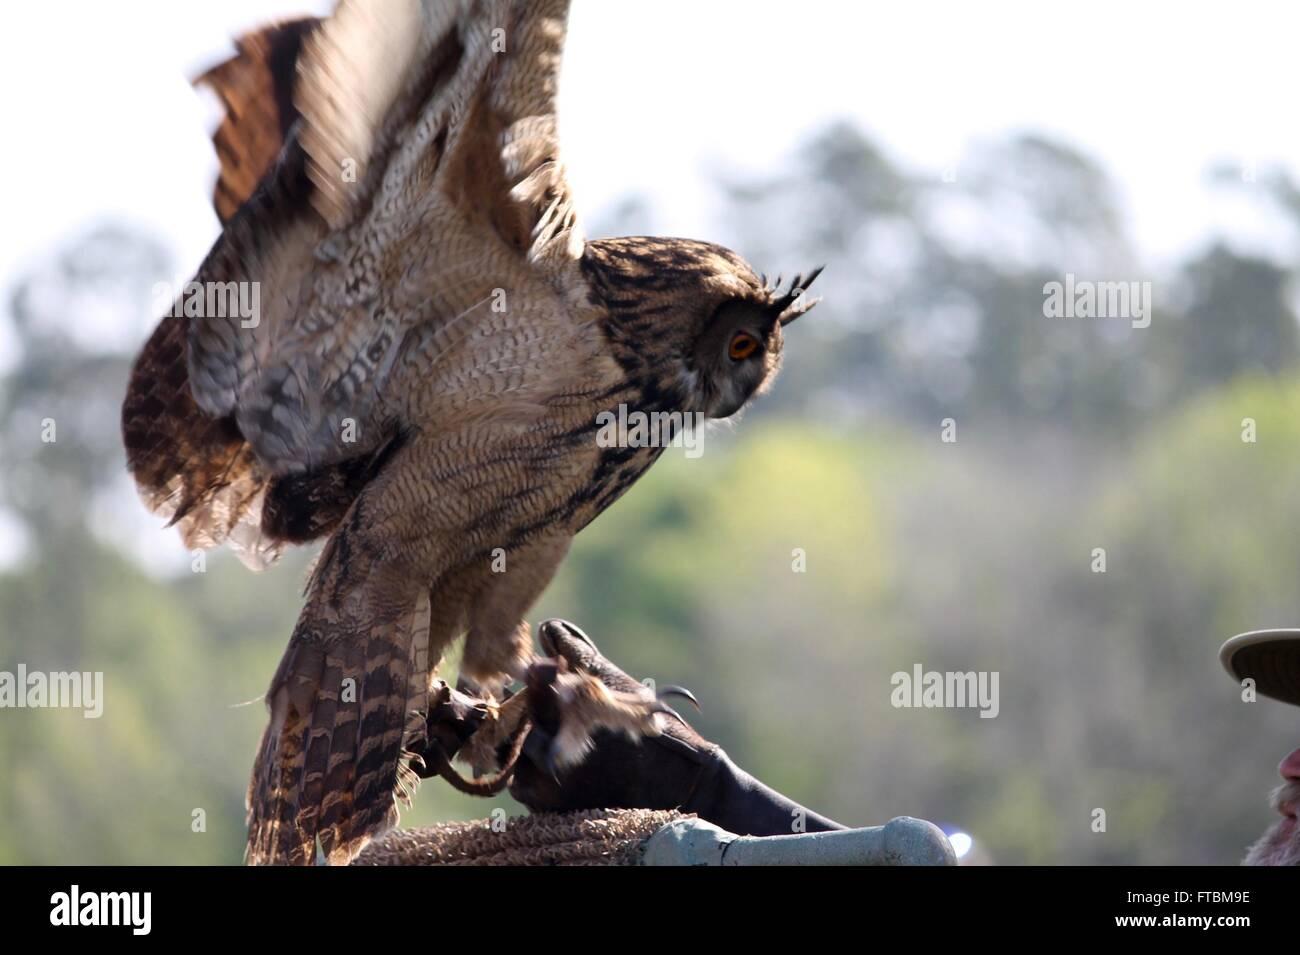 Eurasian eagle owl at Lake Livingston Stae Park - Stock Image